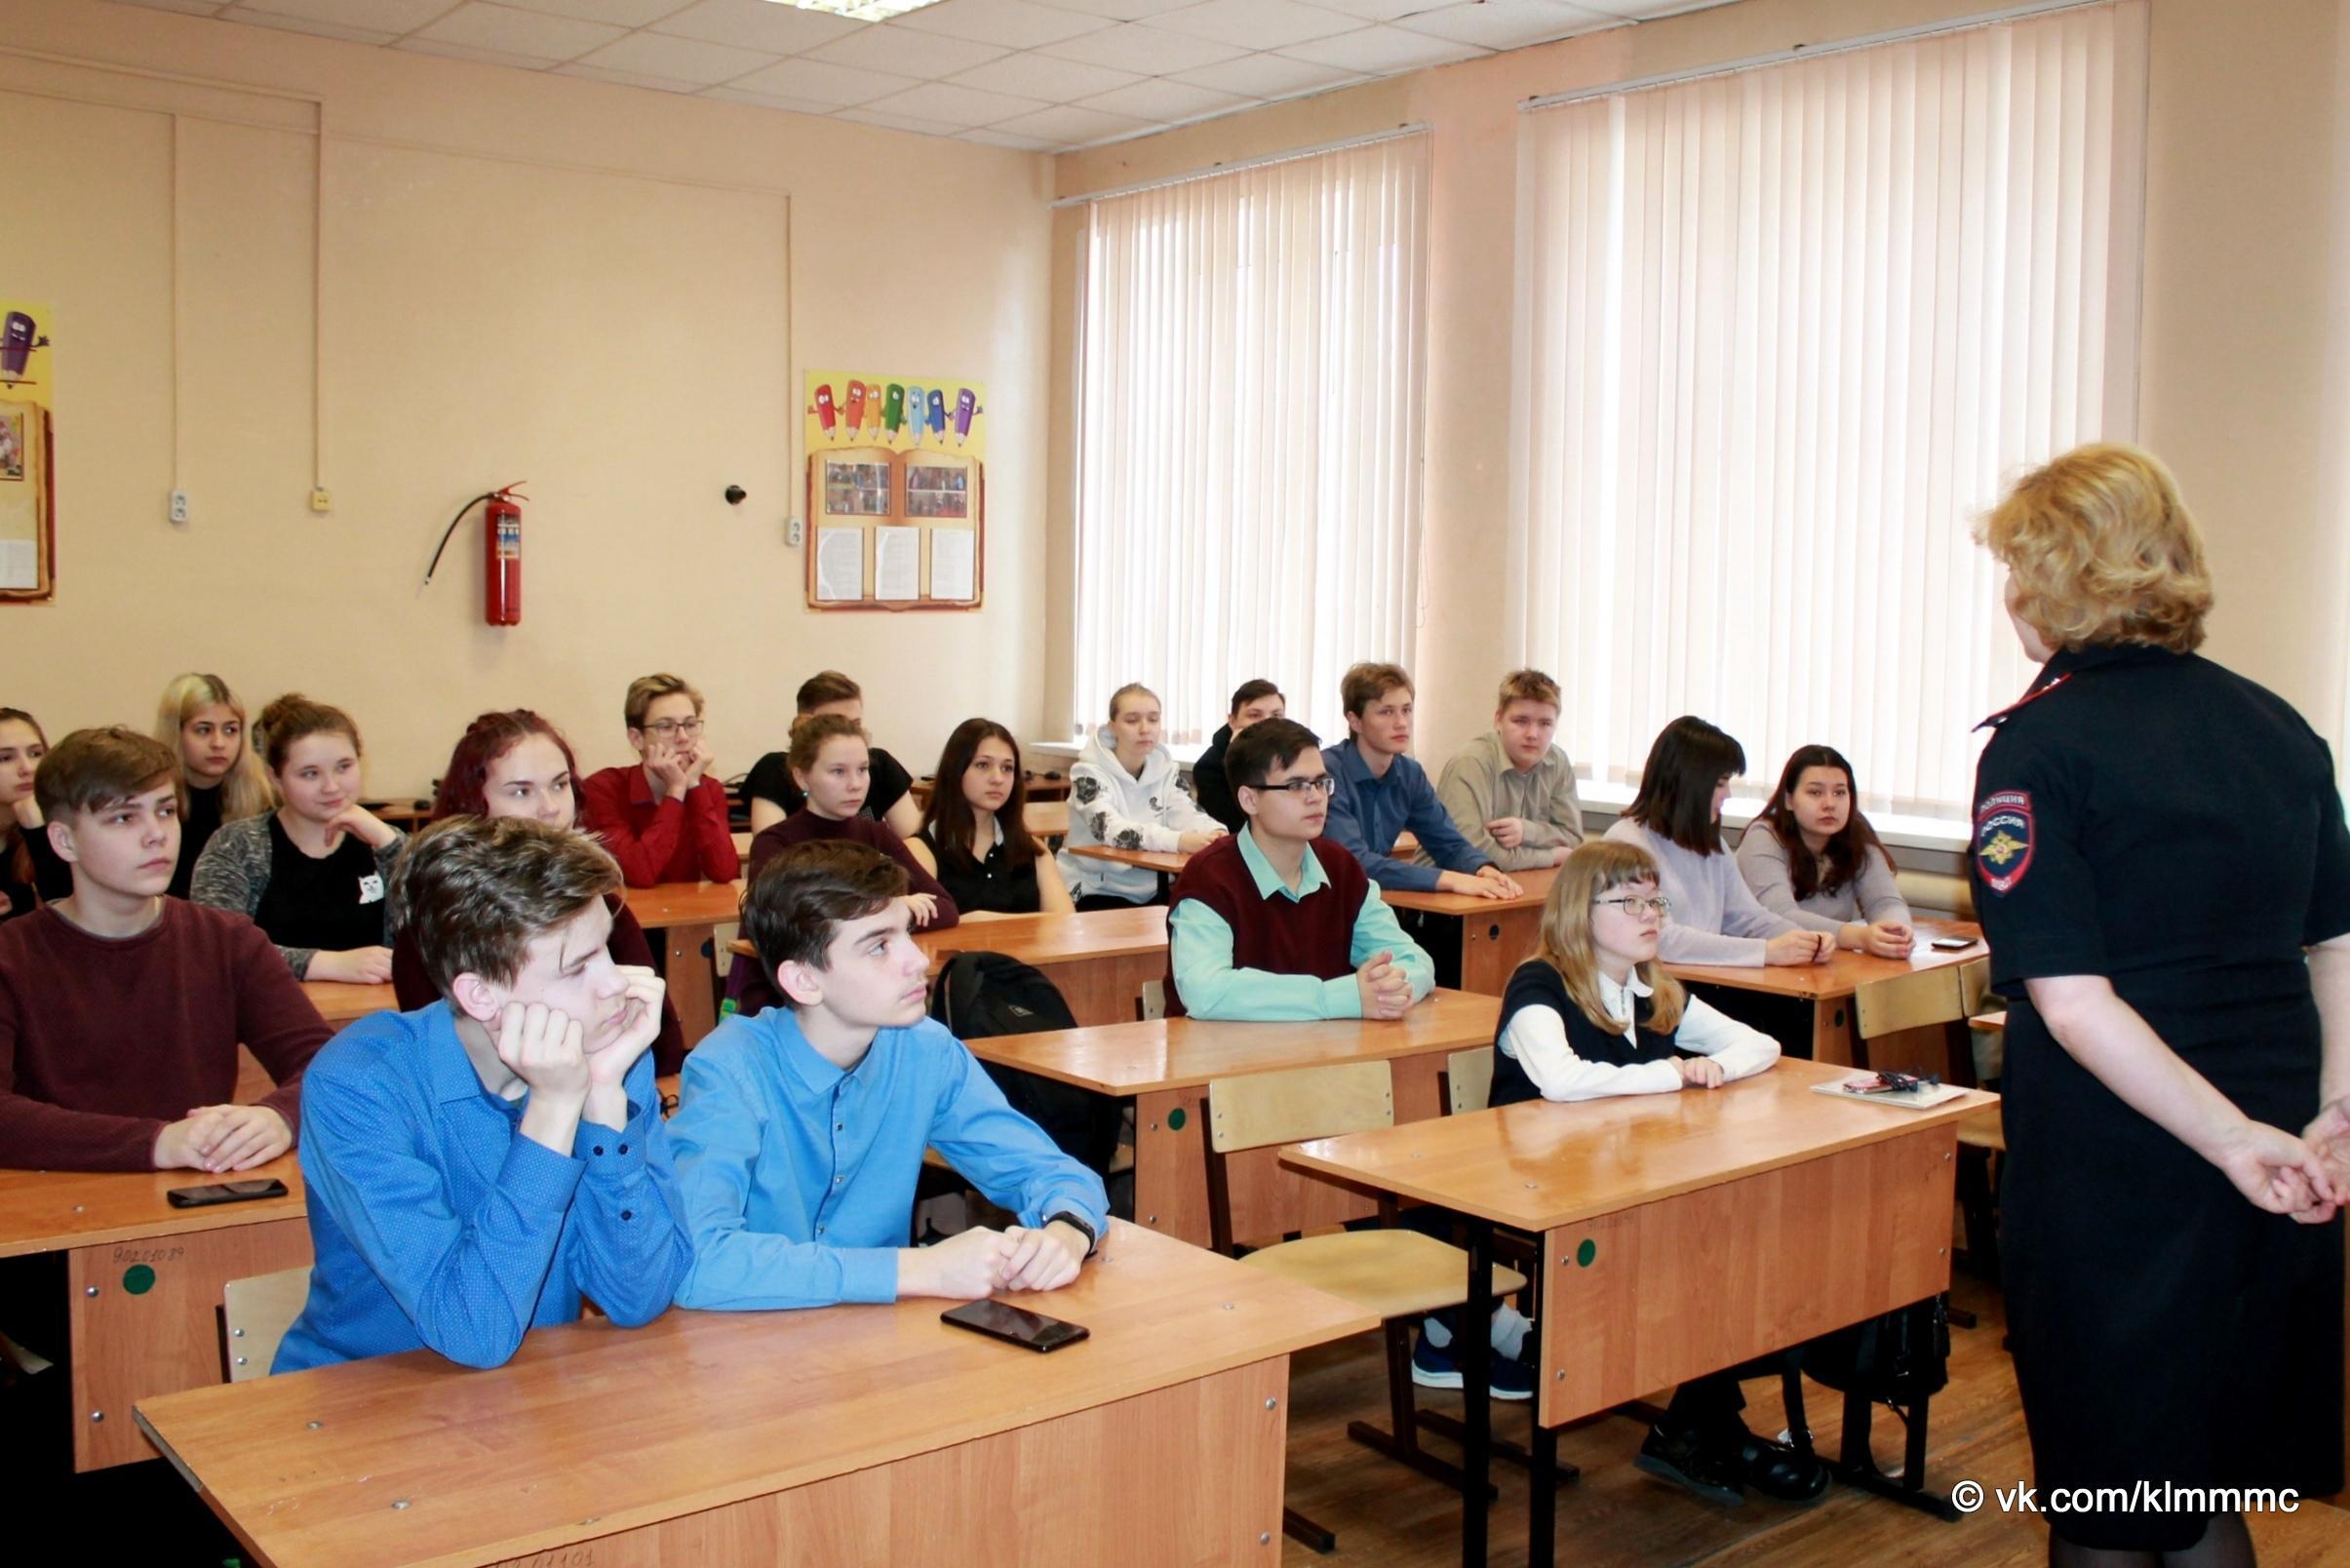 Новости Коломны   Коломенским школьникам рассказали, как не стать жертвой вербовки экстремистов Фото (Коломна)   iz zhizni kolomnyi